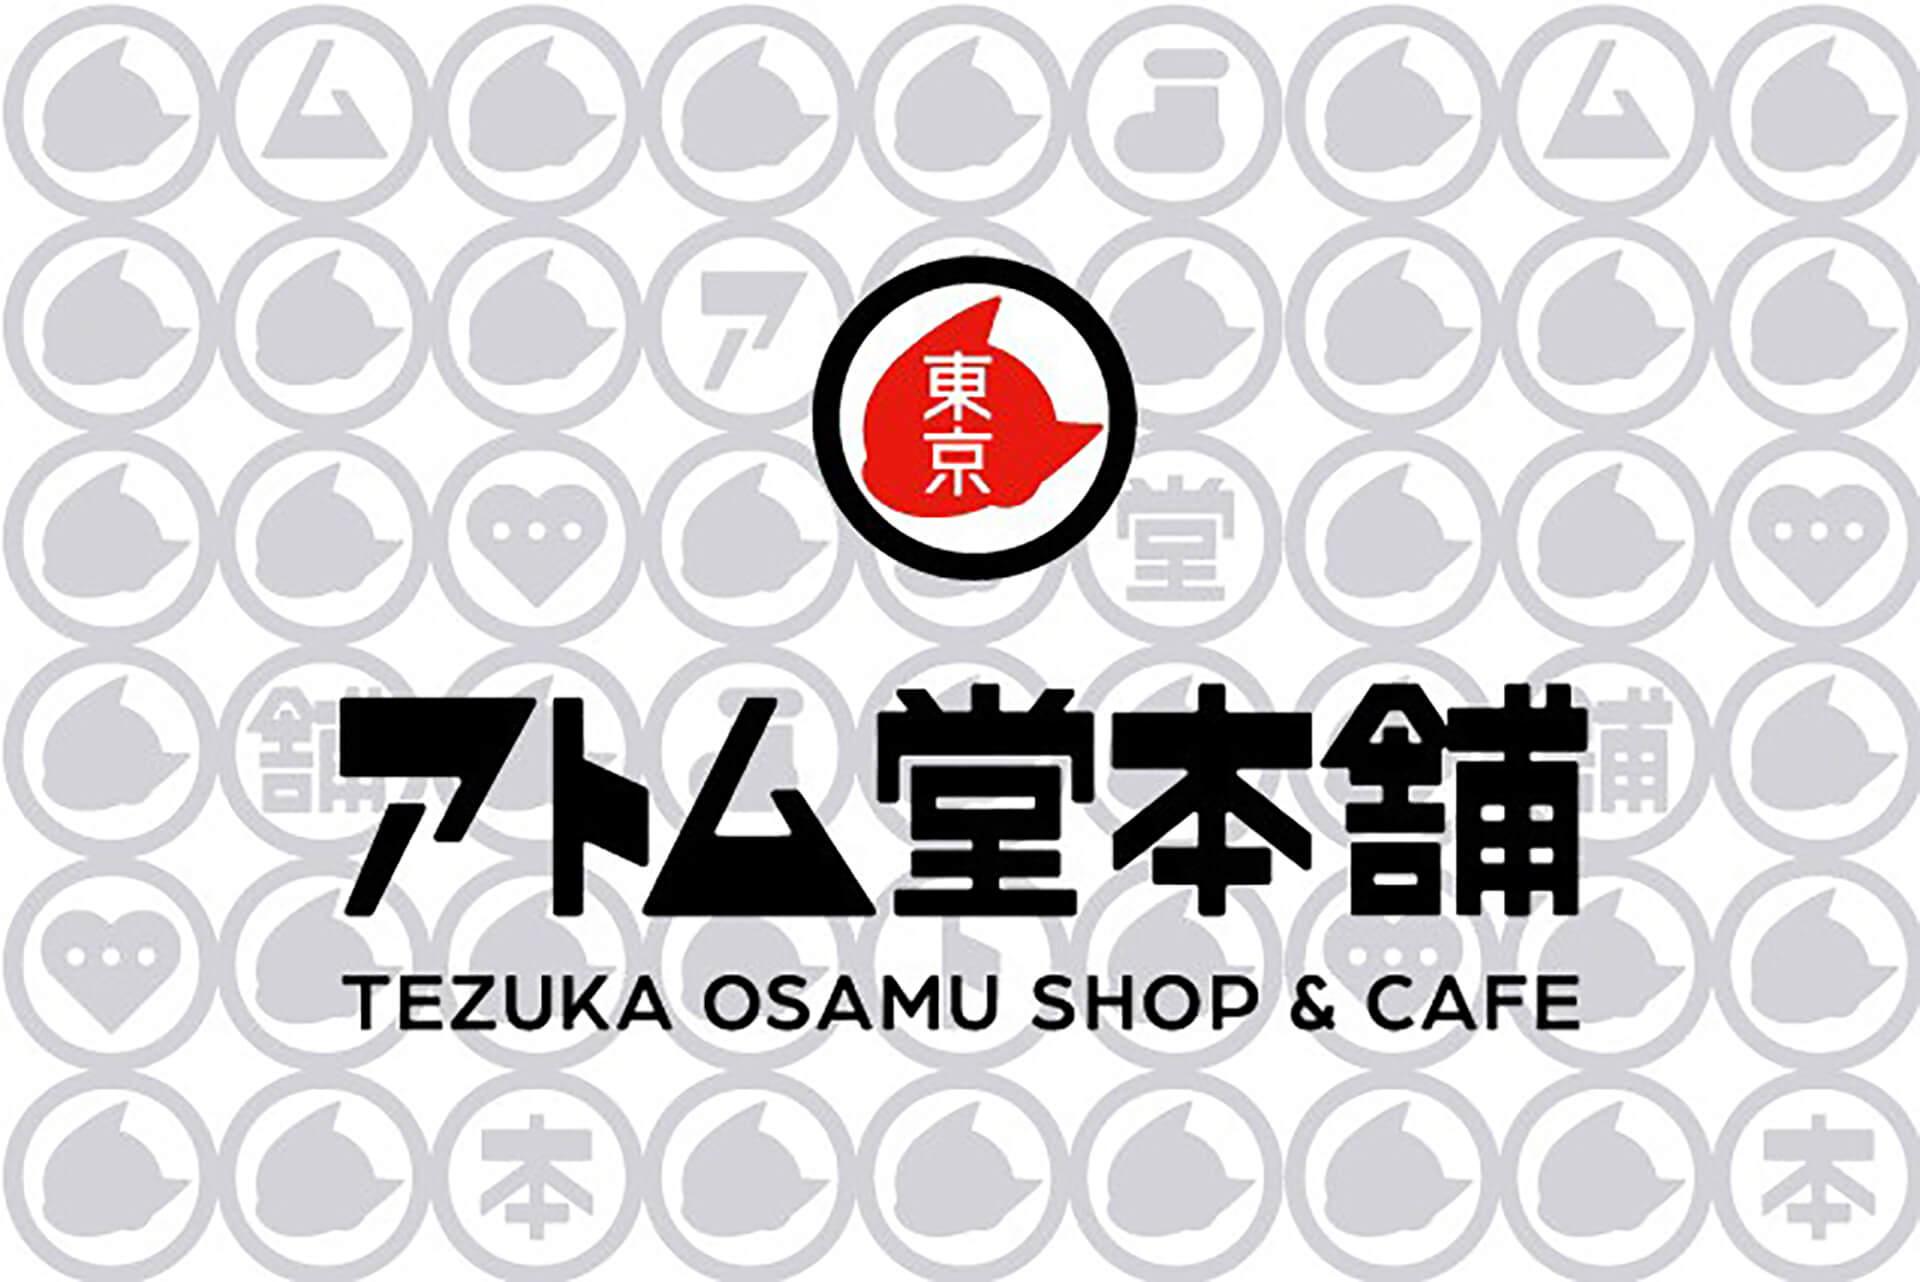 この写真はアトム堂本舗のアイコン的イラストが散りばめられたバーナーです